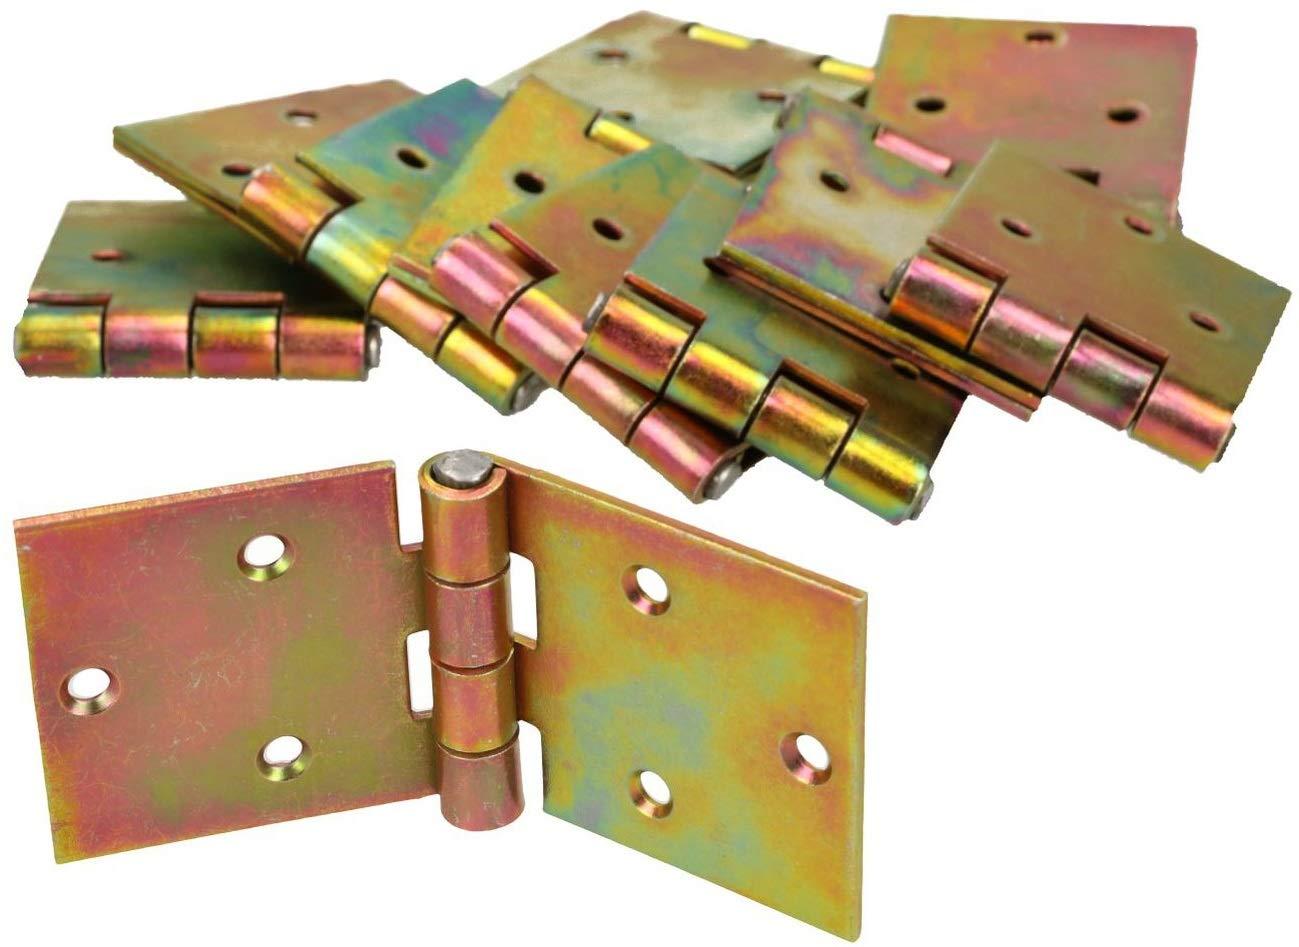 KOTARBAU Kistenband 100 x 50 mm 10 St Scharnier Gerollte Tischband M/öbelscharnier Verzinkt Gold Torband M/öbelband T/ürscharnier 2 Fl/ügel Top-Qualit/ät